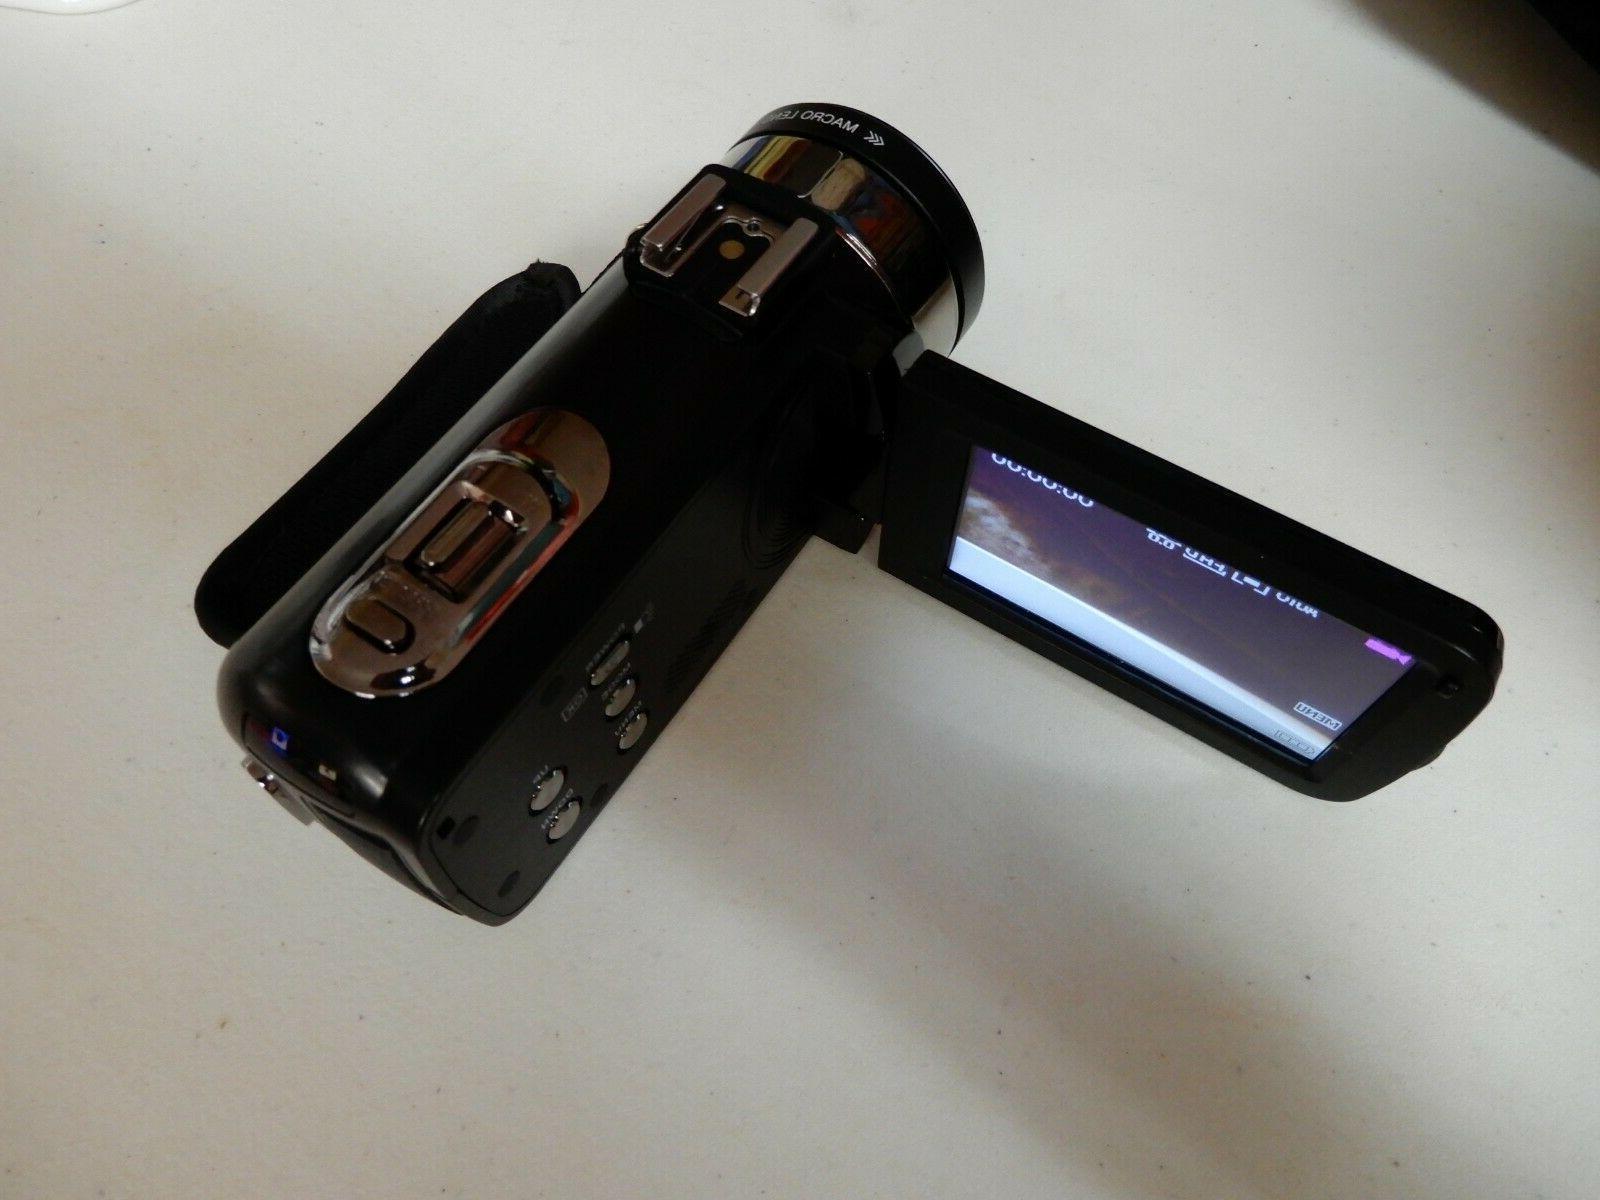 Besteker HD 301STR with